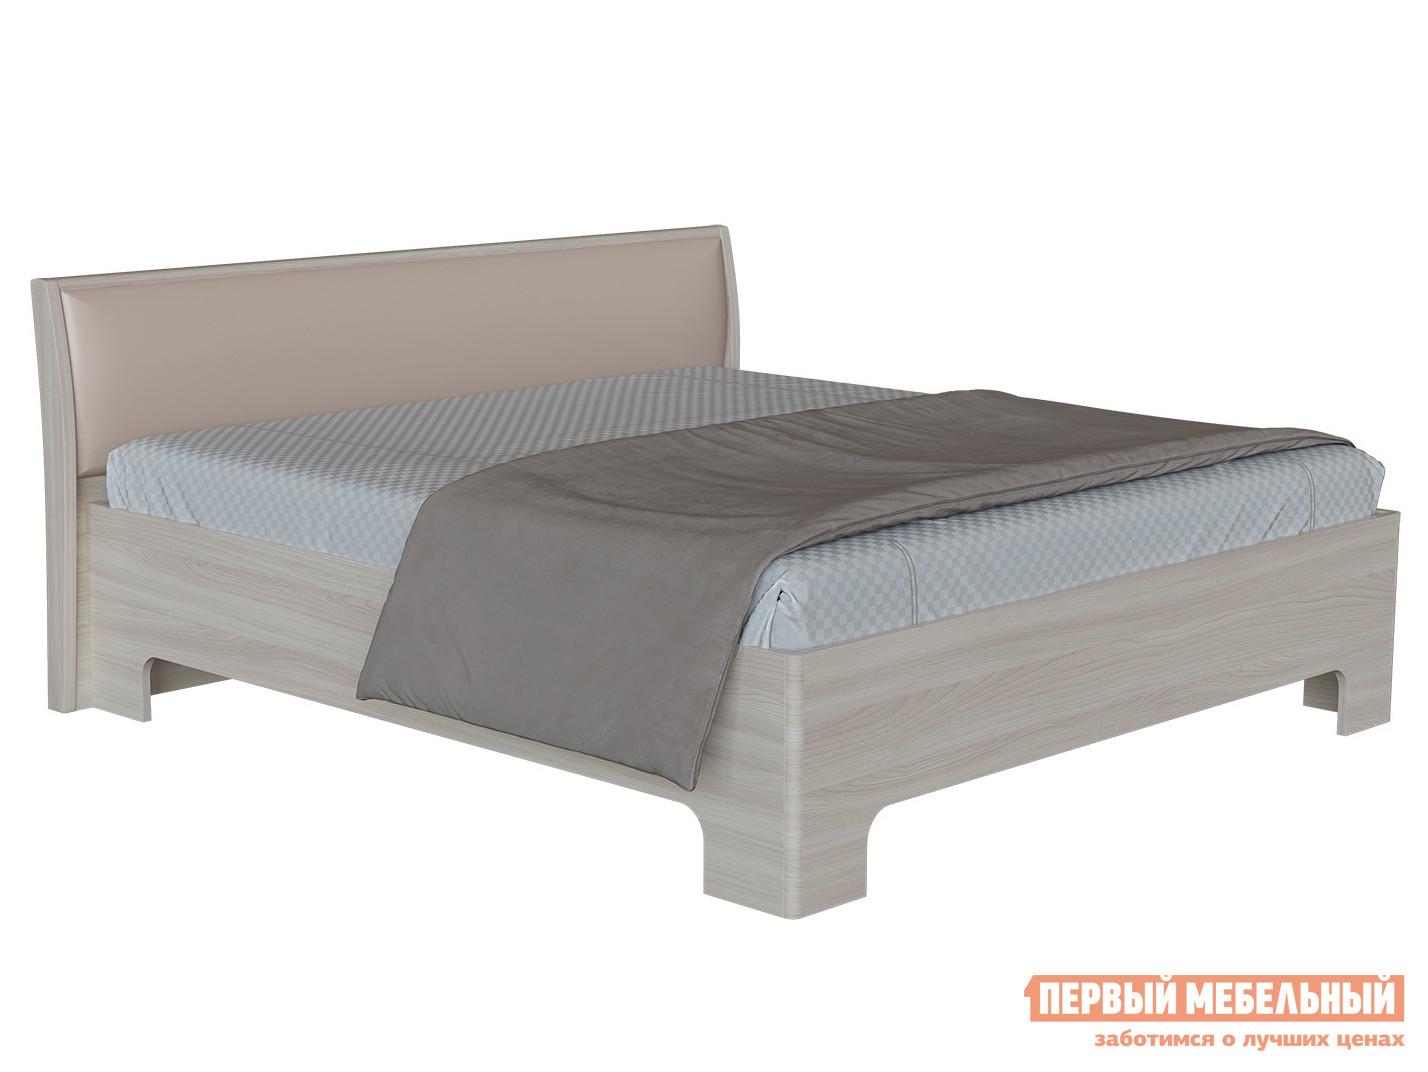 Полутороспальная кровать Первый Мебельный Прато 3-1,5 полутороспальная кровать первый мебельный кровать милана 140х200